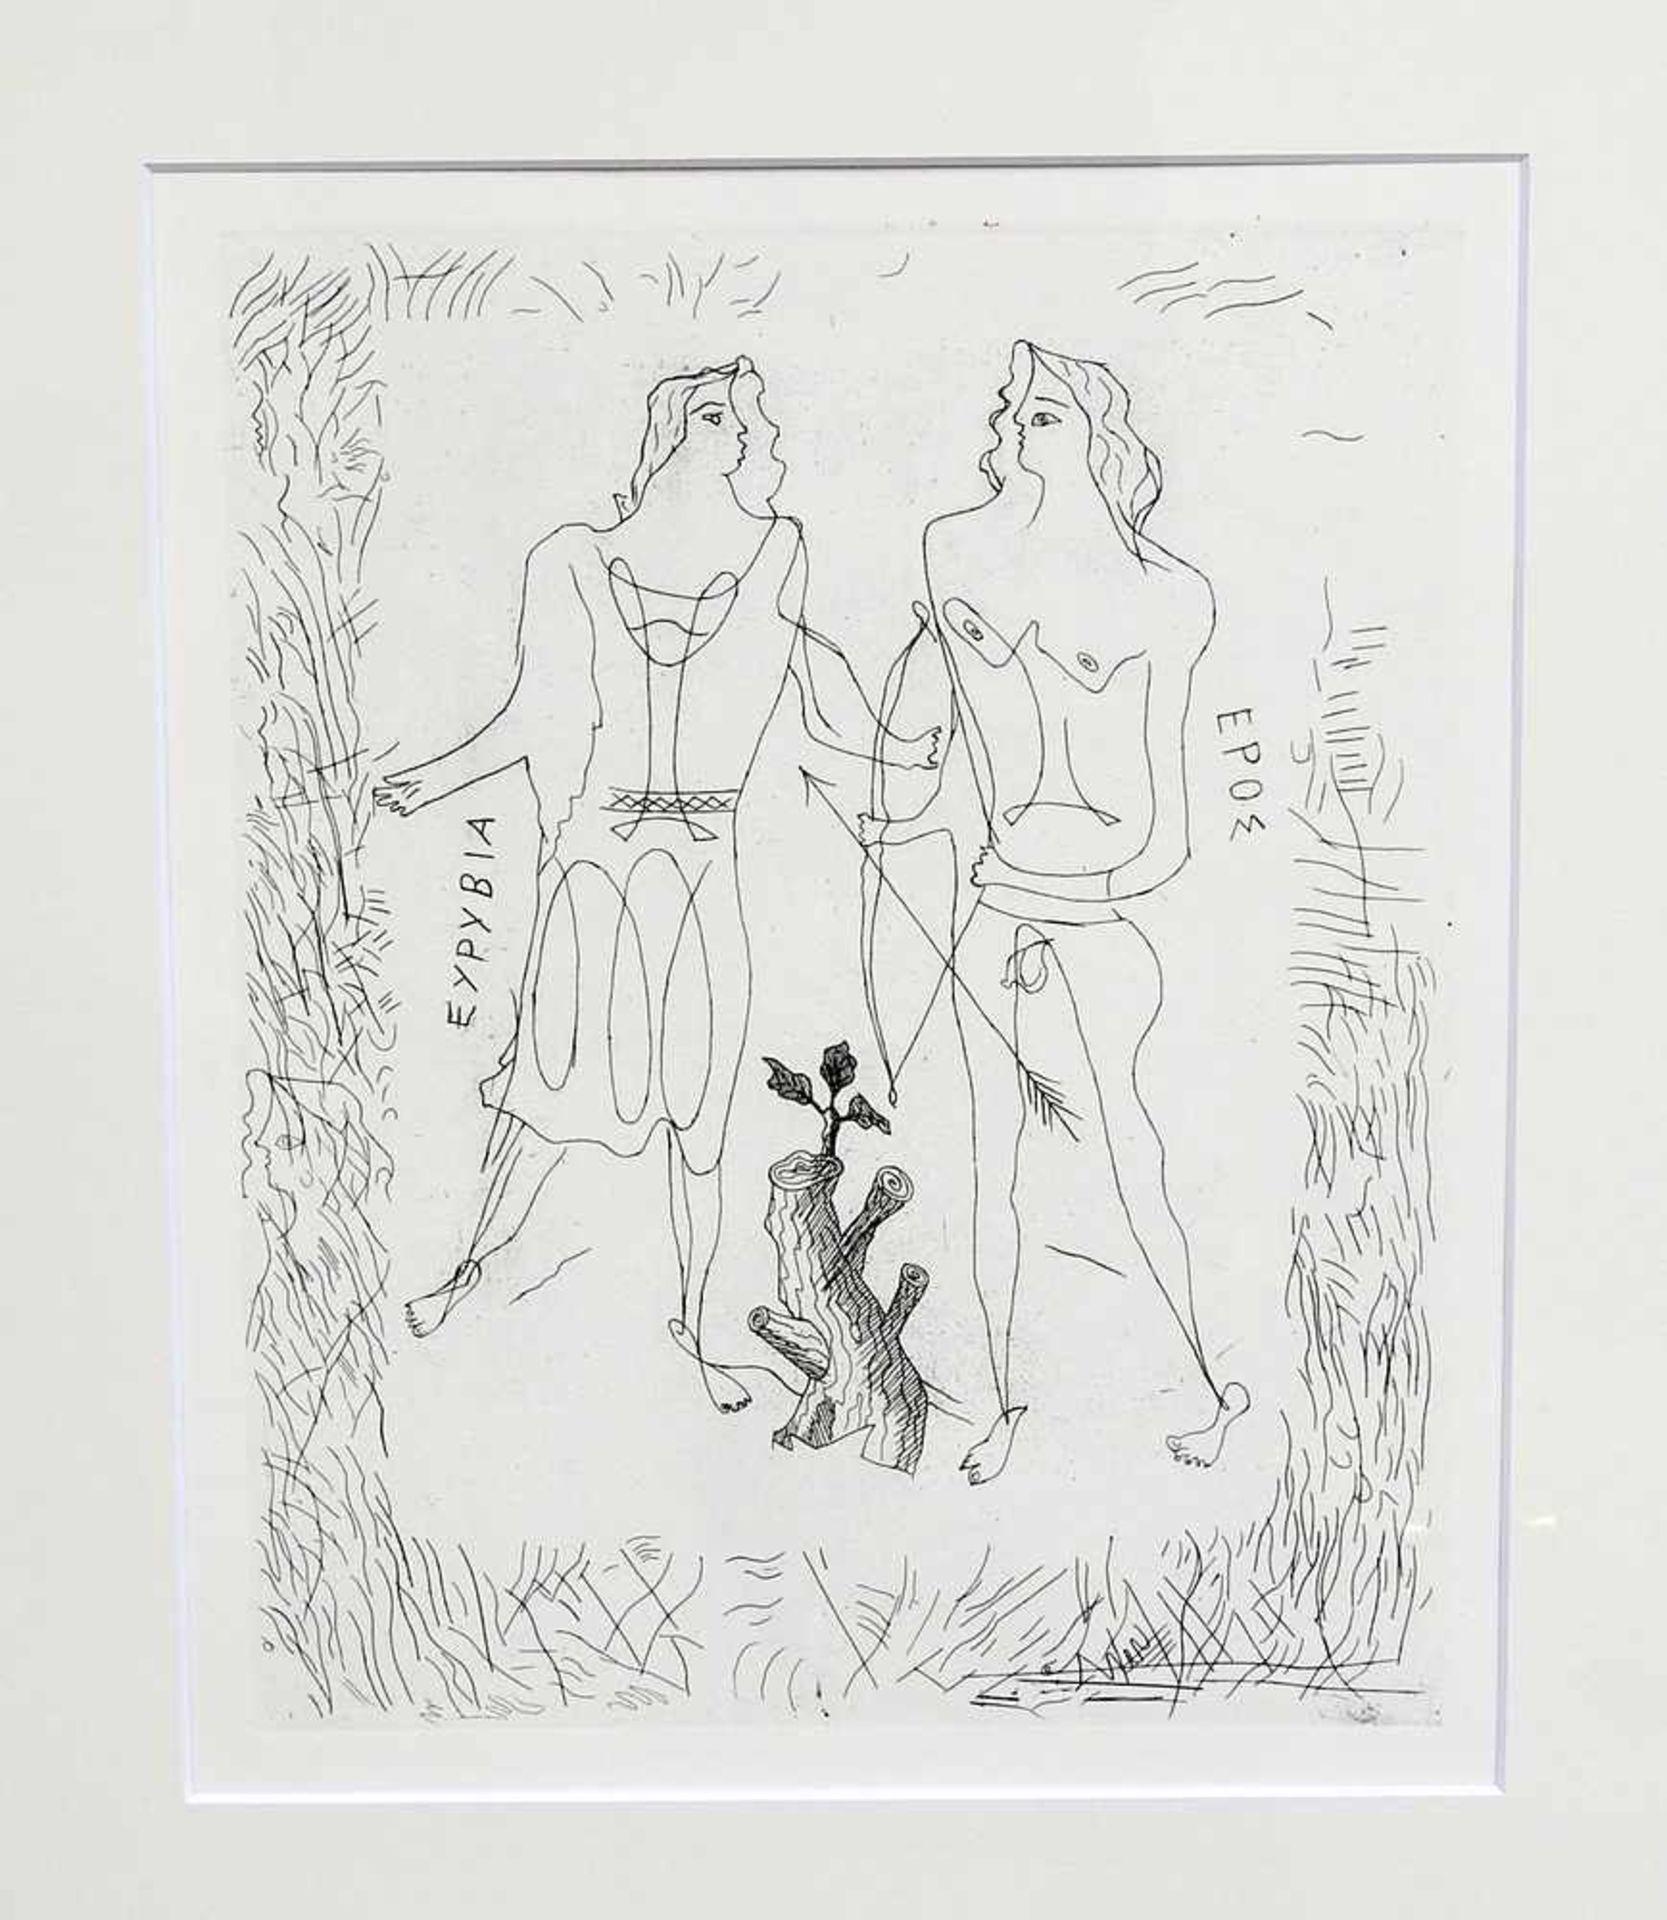 Georges Braque, 1828 Arenteuil - 1963 Paris Radierung/Papier. Eurybia und Eros. Unveröffentlichte